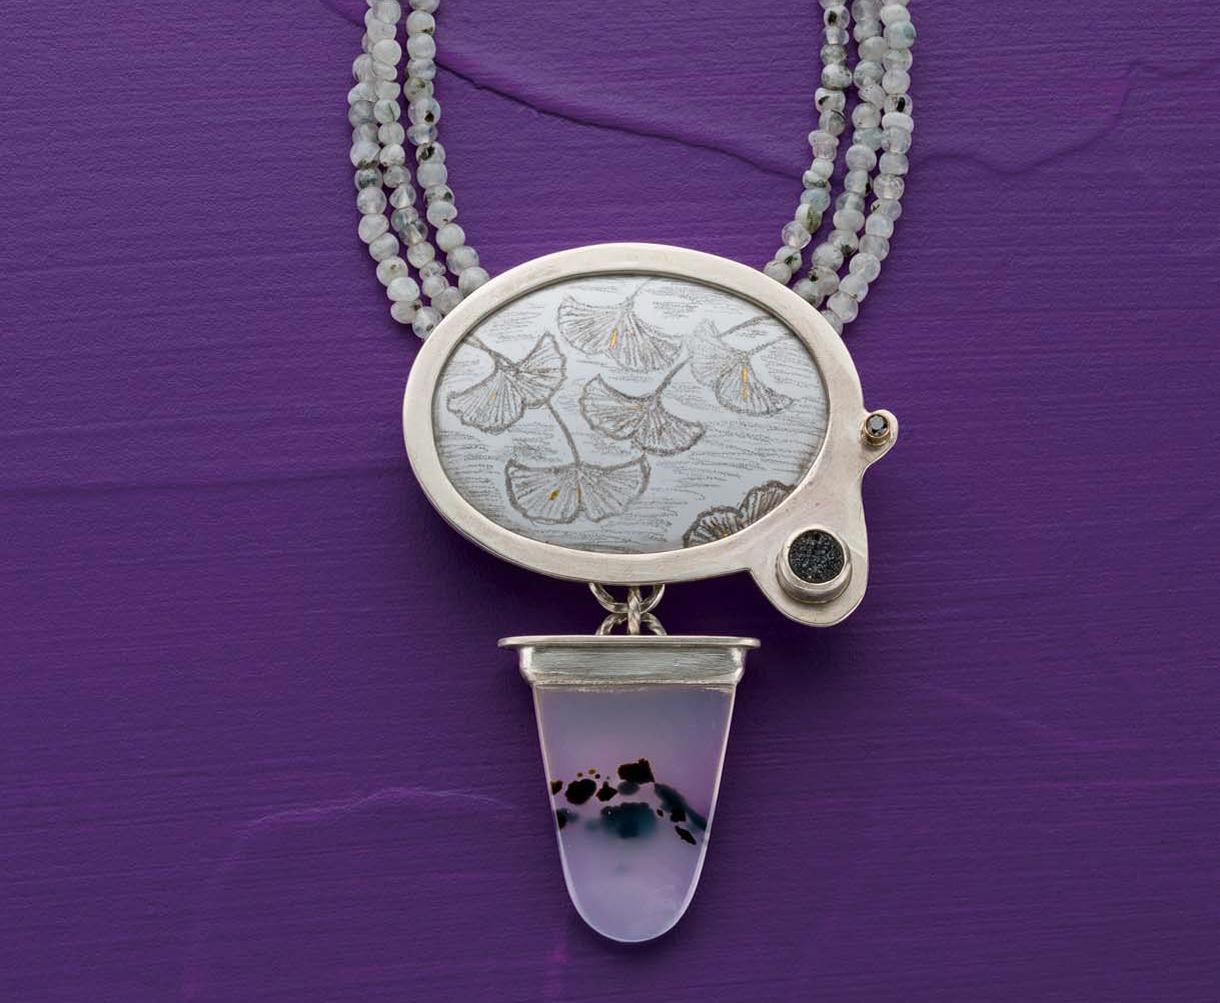 Lara Ginzburg enamel jewelry necklace